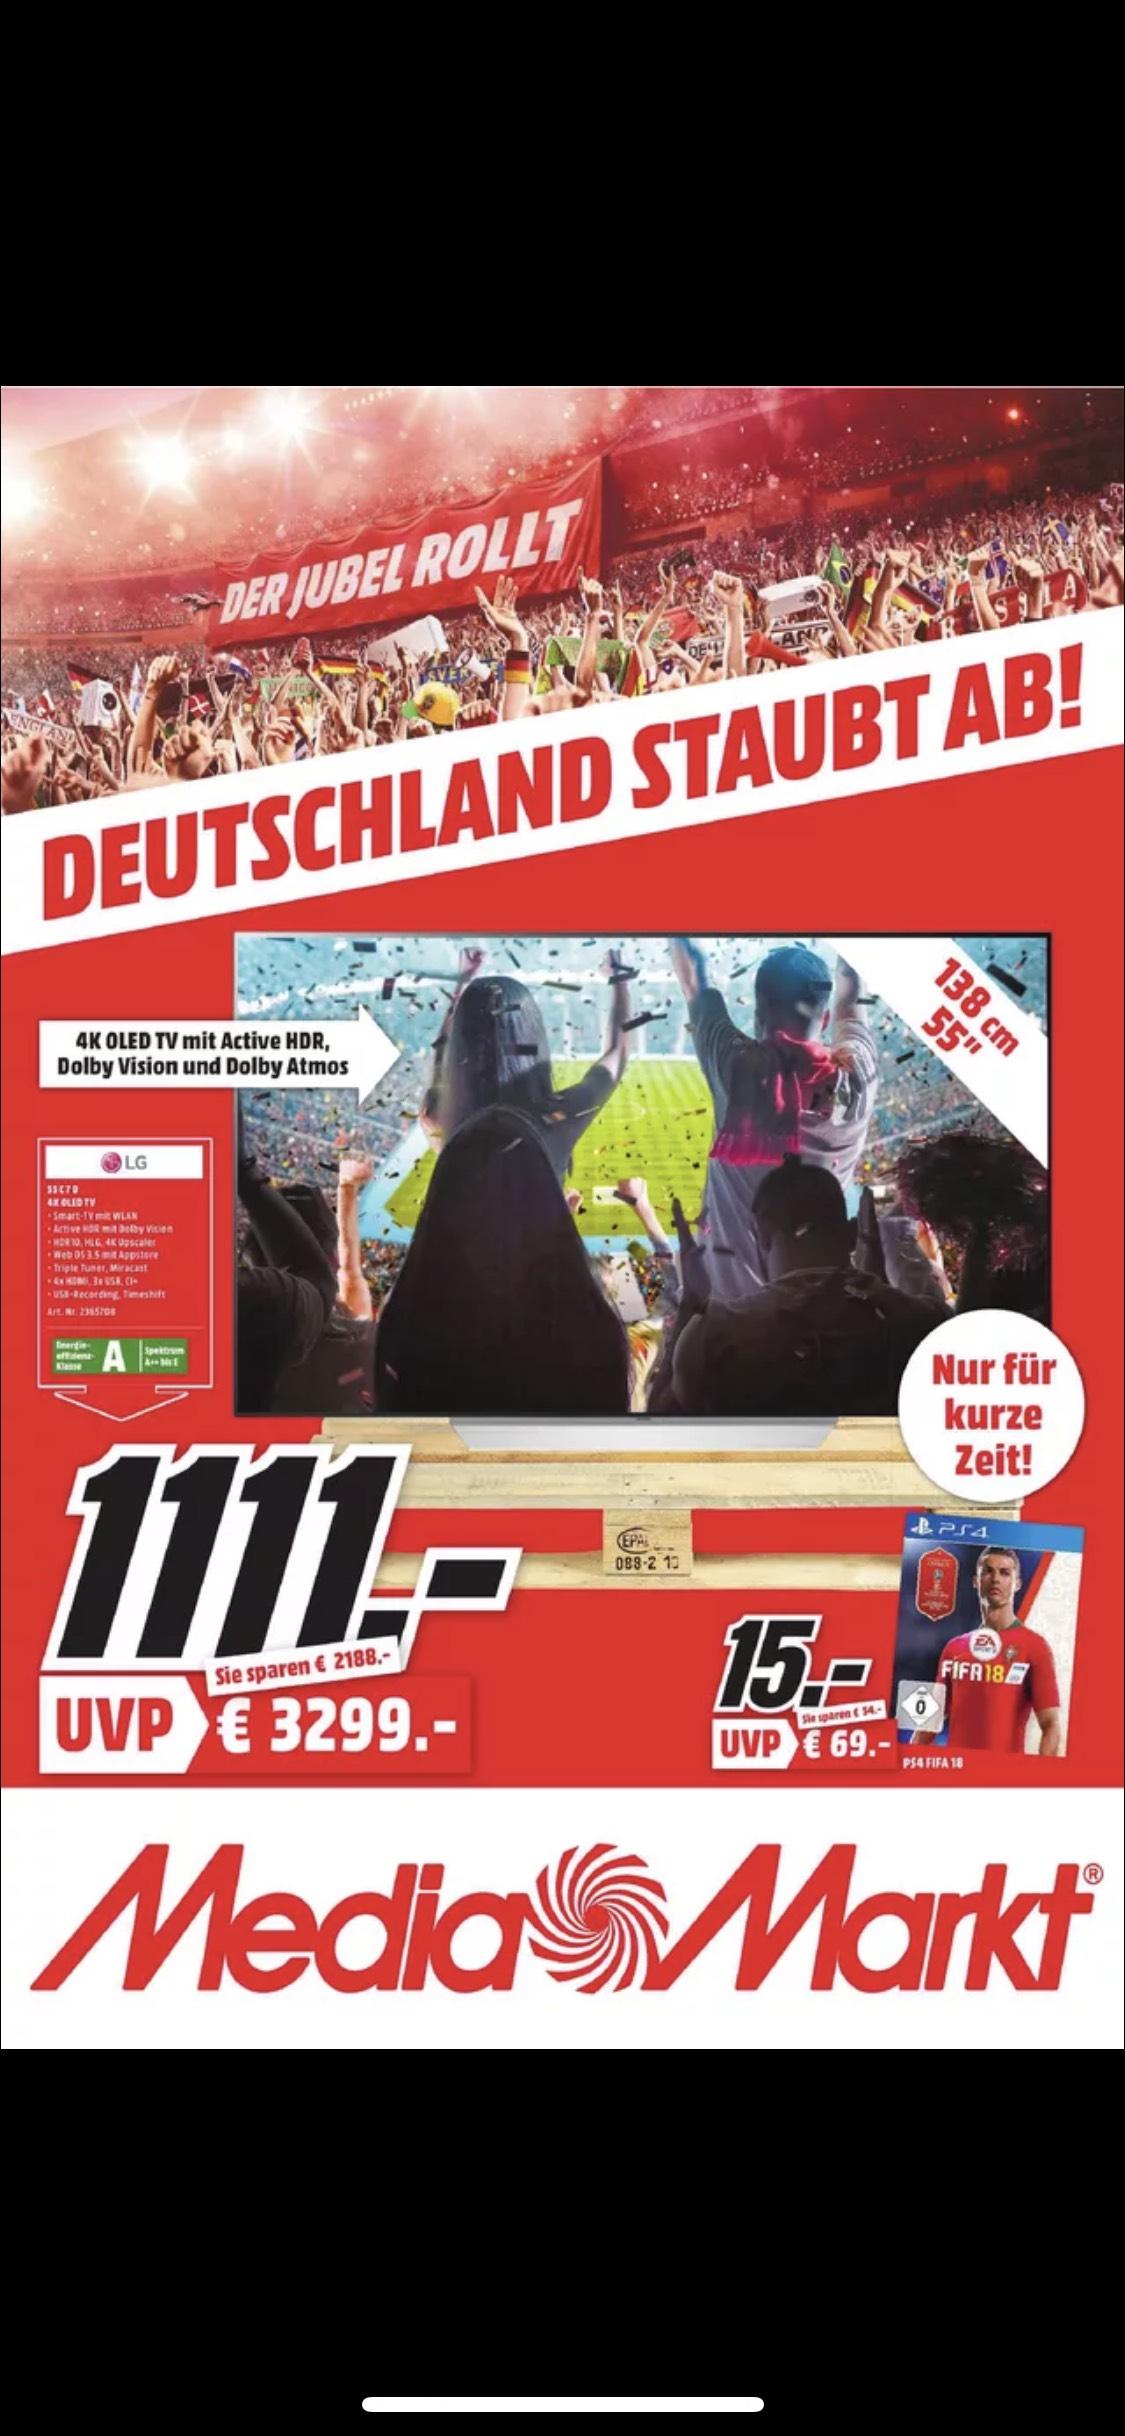 [Lokal Mediamarkt Raum Frankfurt] LG OLED 55C7D